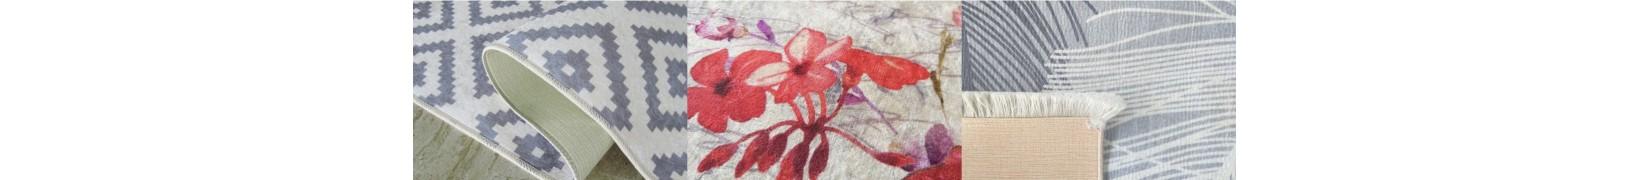 Dywany Horeca antypoślizgowe - sklep Śliczne Dywany